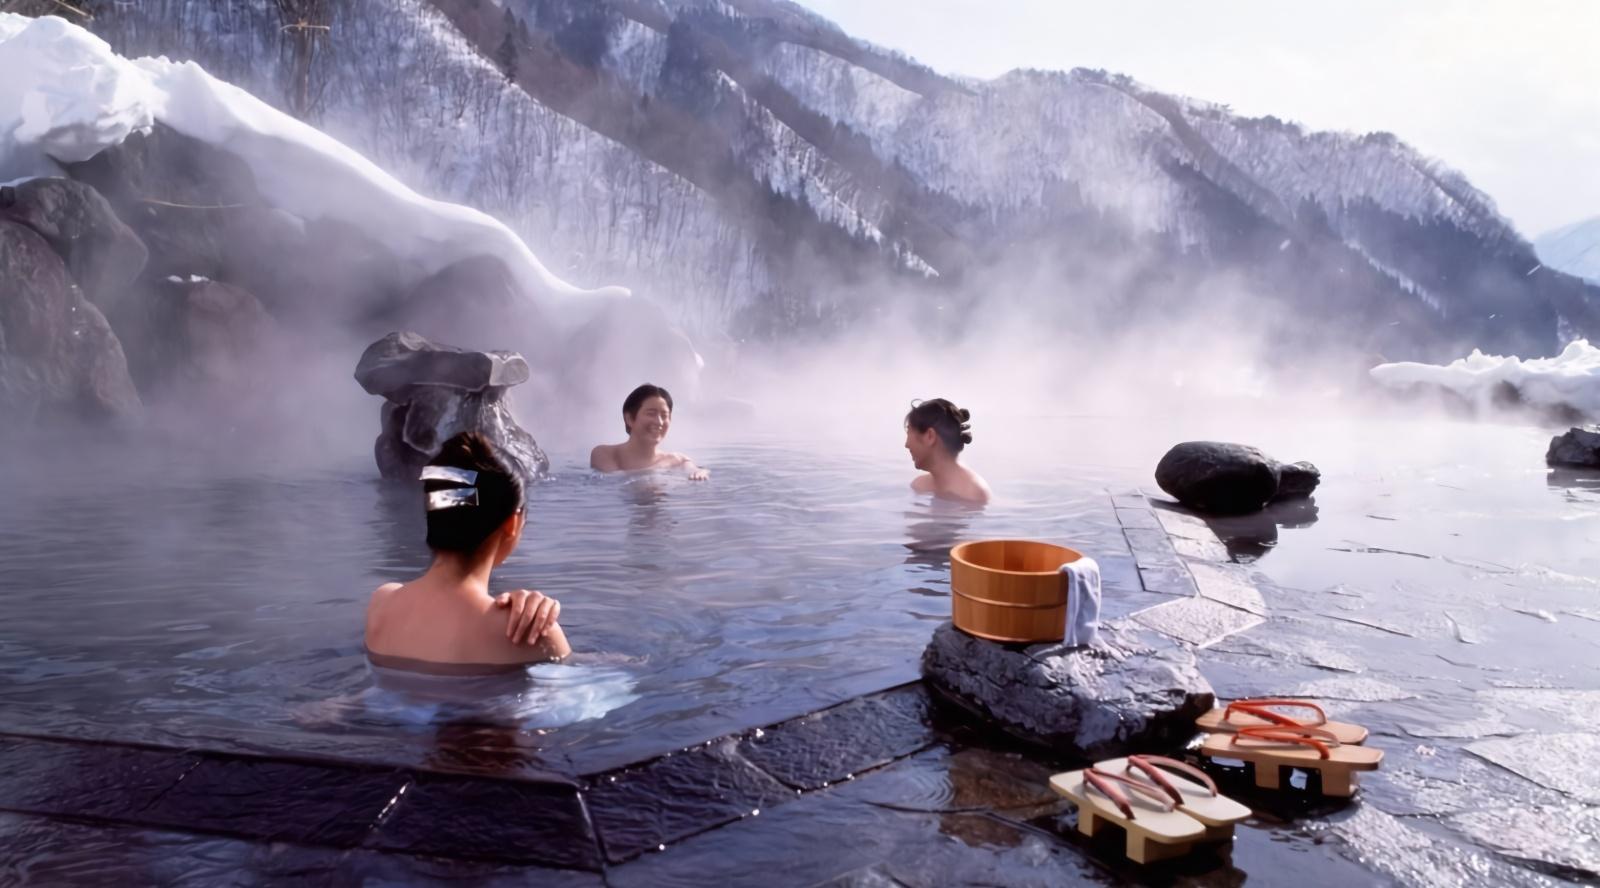 日本自由行,箱根,是一个美丽的温泉旅游目的地